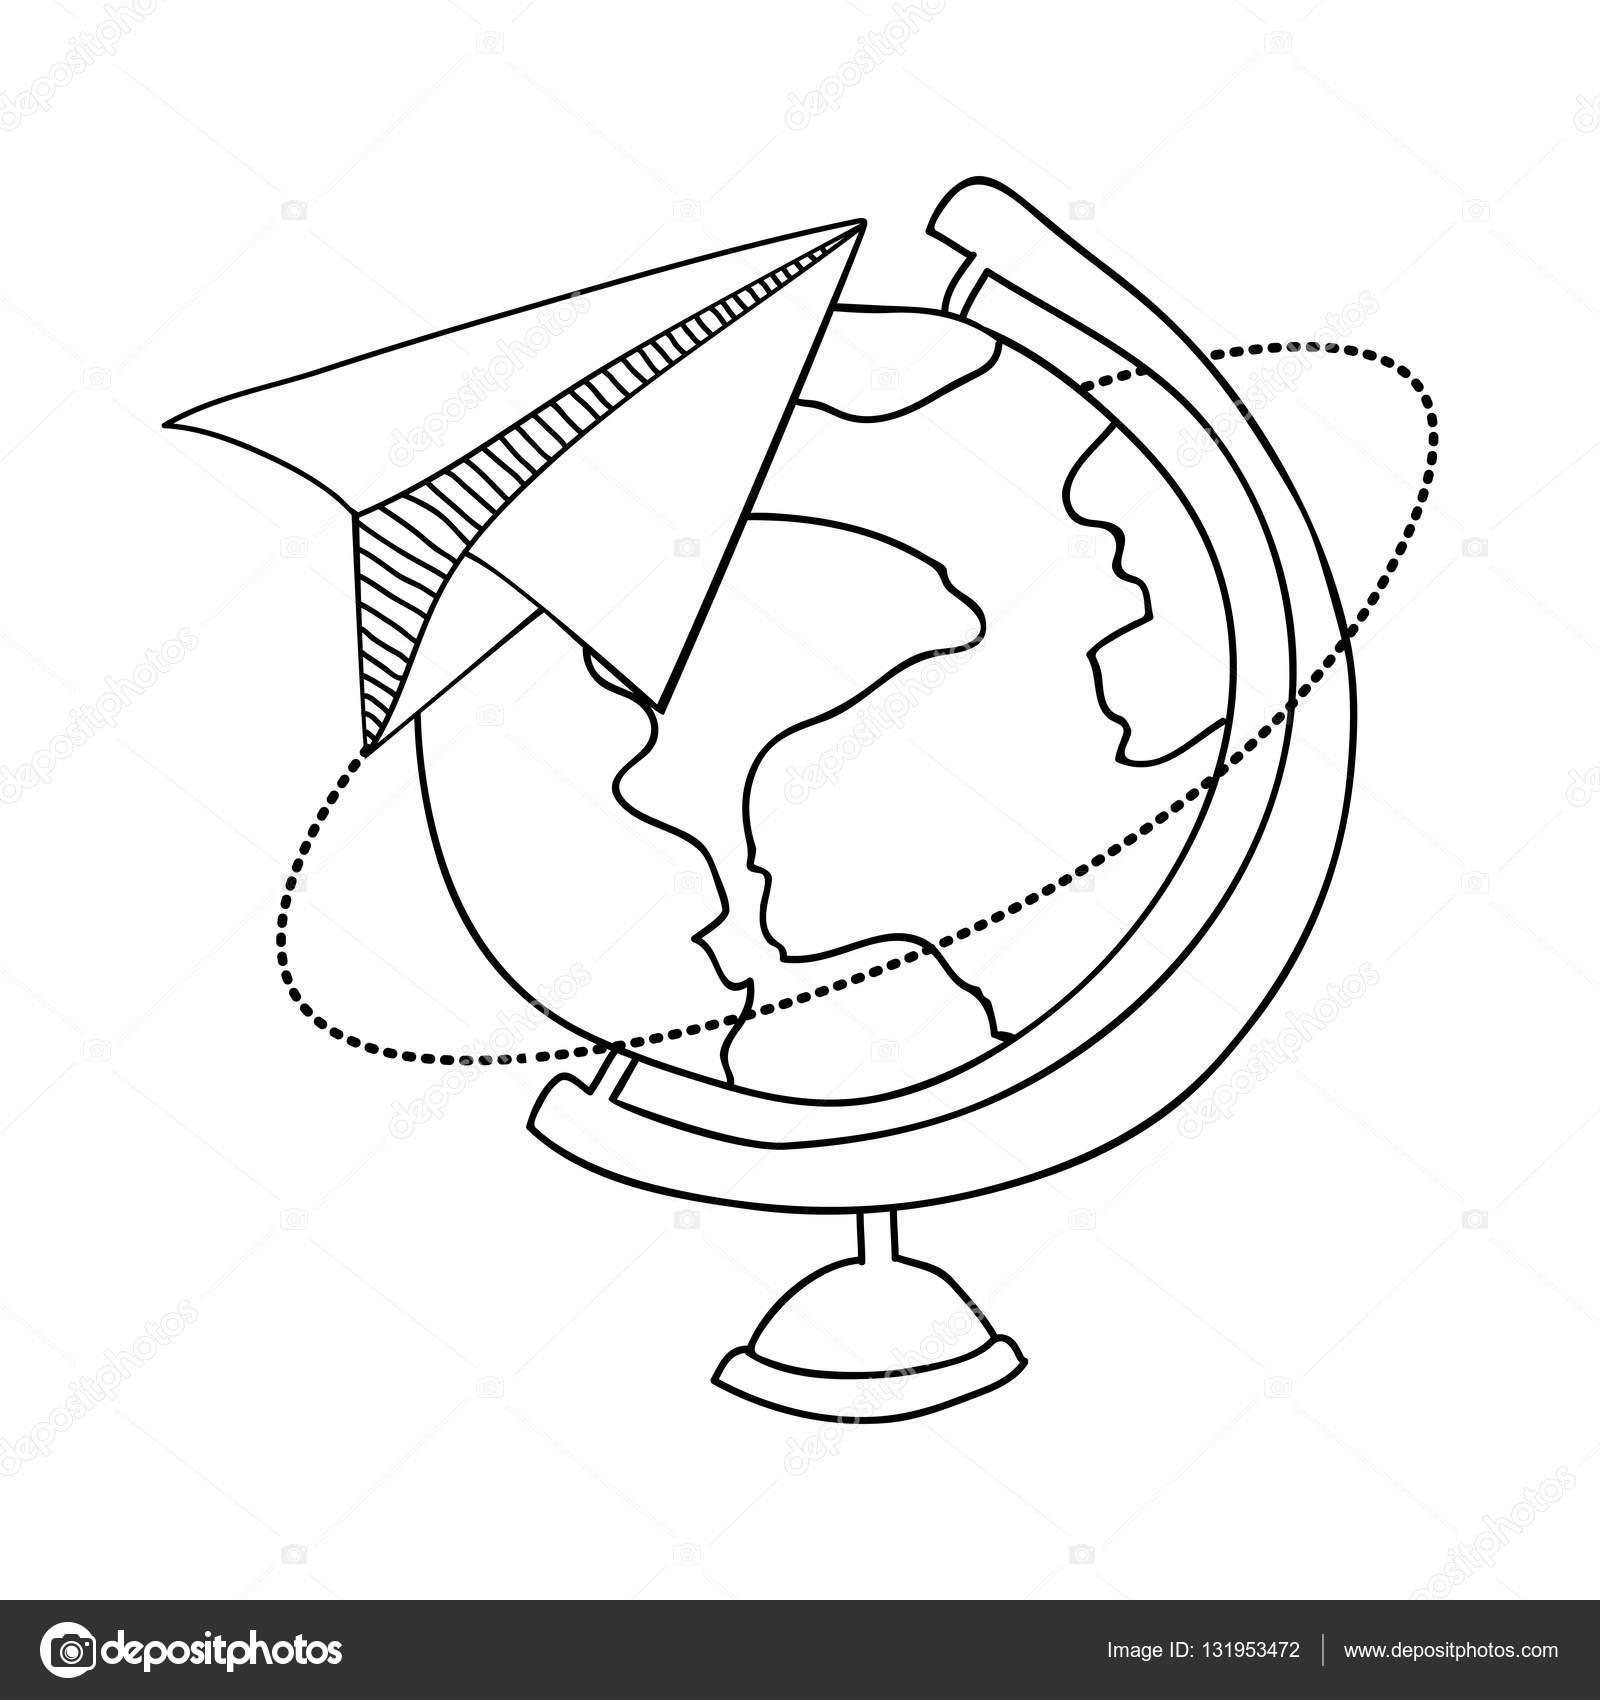 Contorno con mappa del mondo e aereo di carta vettoriali - Mappa del mondo contorno ks2 ...